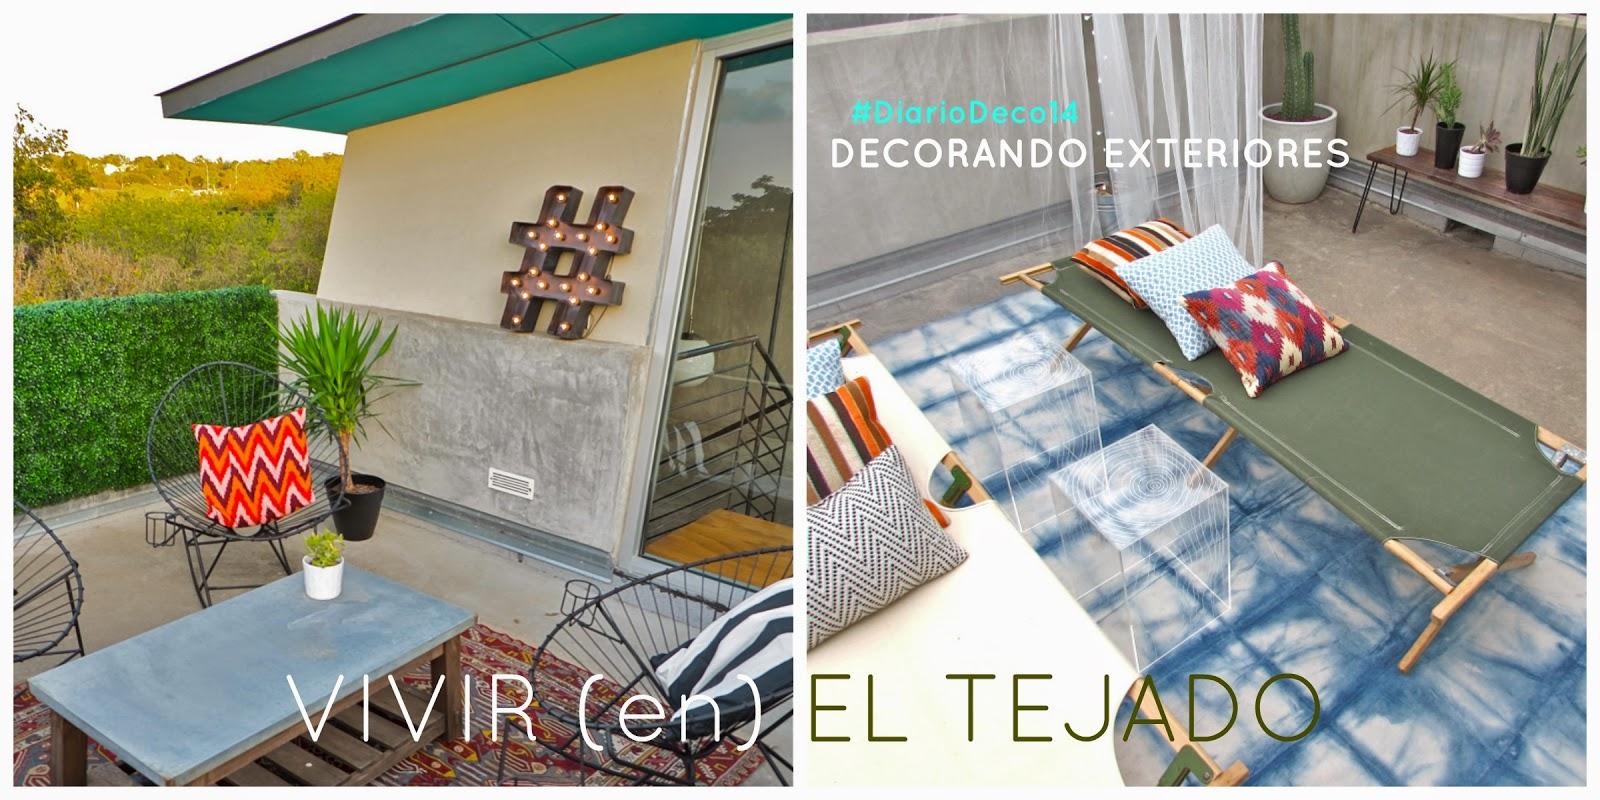 VIVIR (en) EL TEJADO:  #DiarioDeco14 - Decorando Exteriores + SORTEO